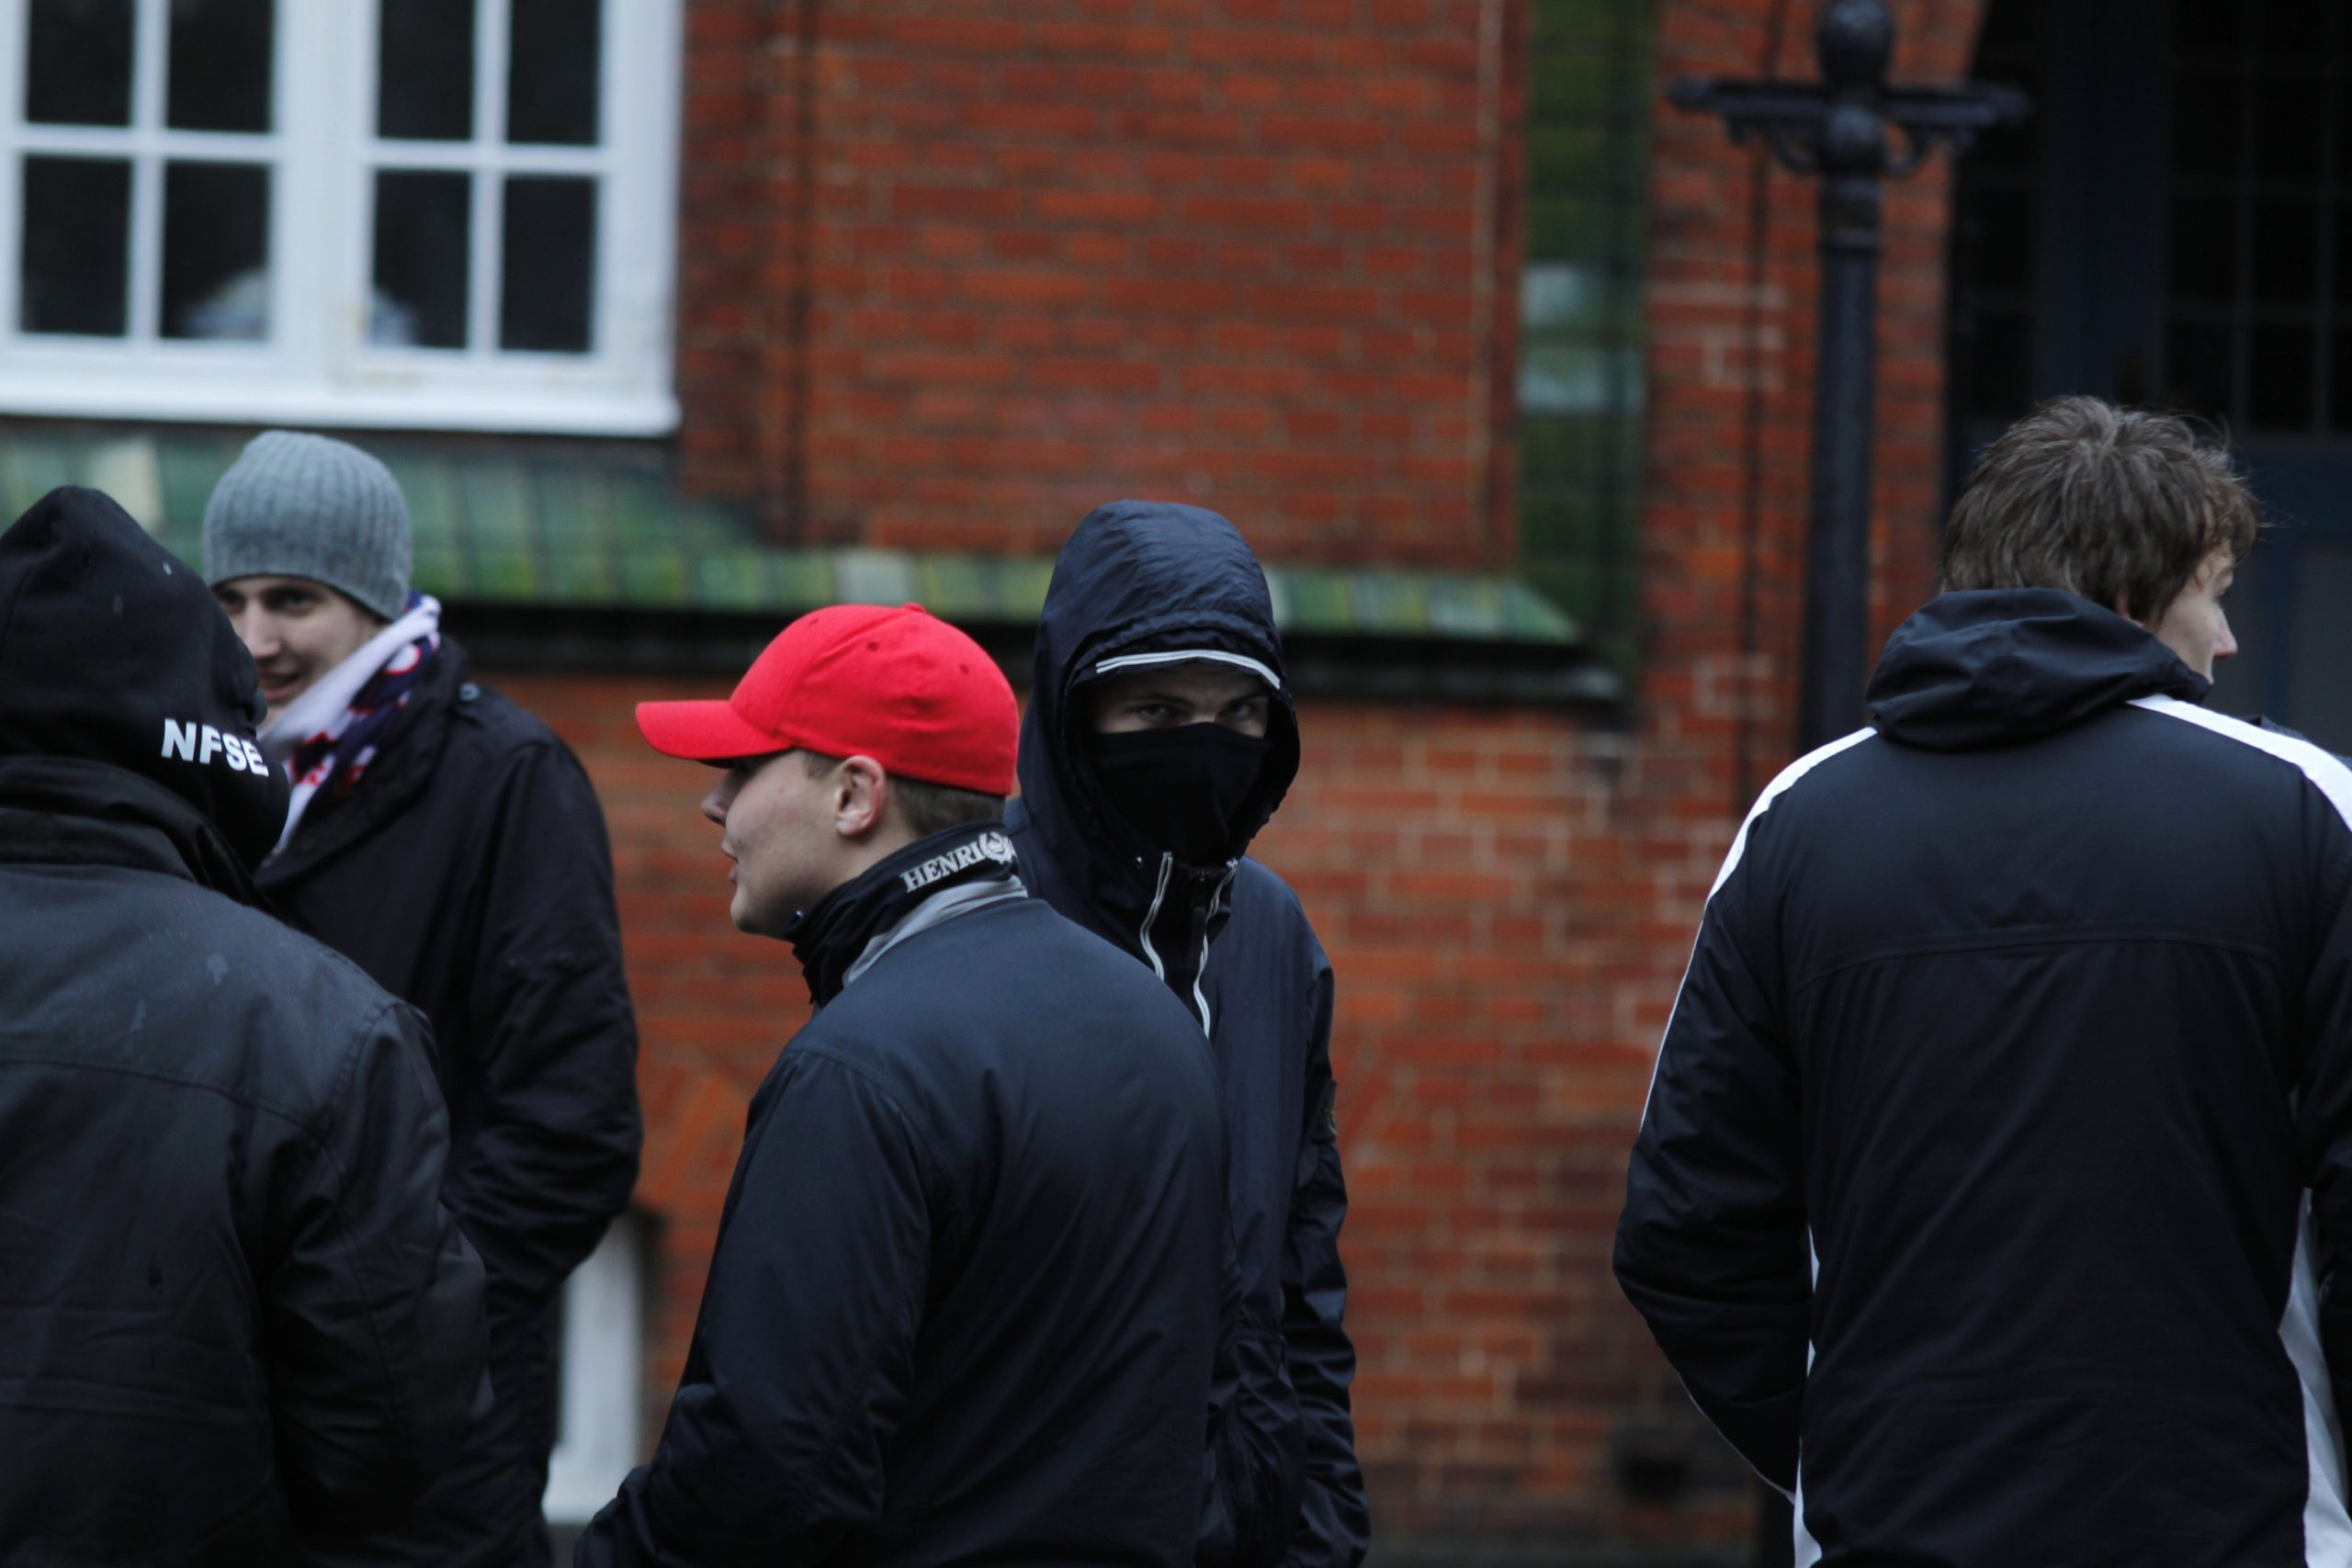 Andreas Holmenlund Snedker ses her maskeret sammen med en gruppe White Pride-medlemmer under SIADs demonstration i Herning i november 2011. Foto: Redox.